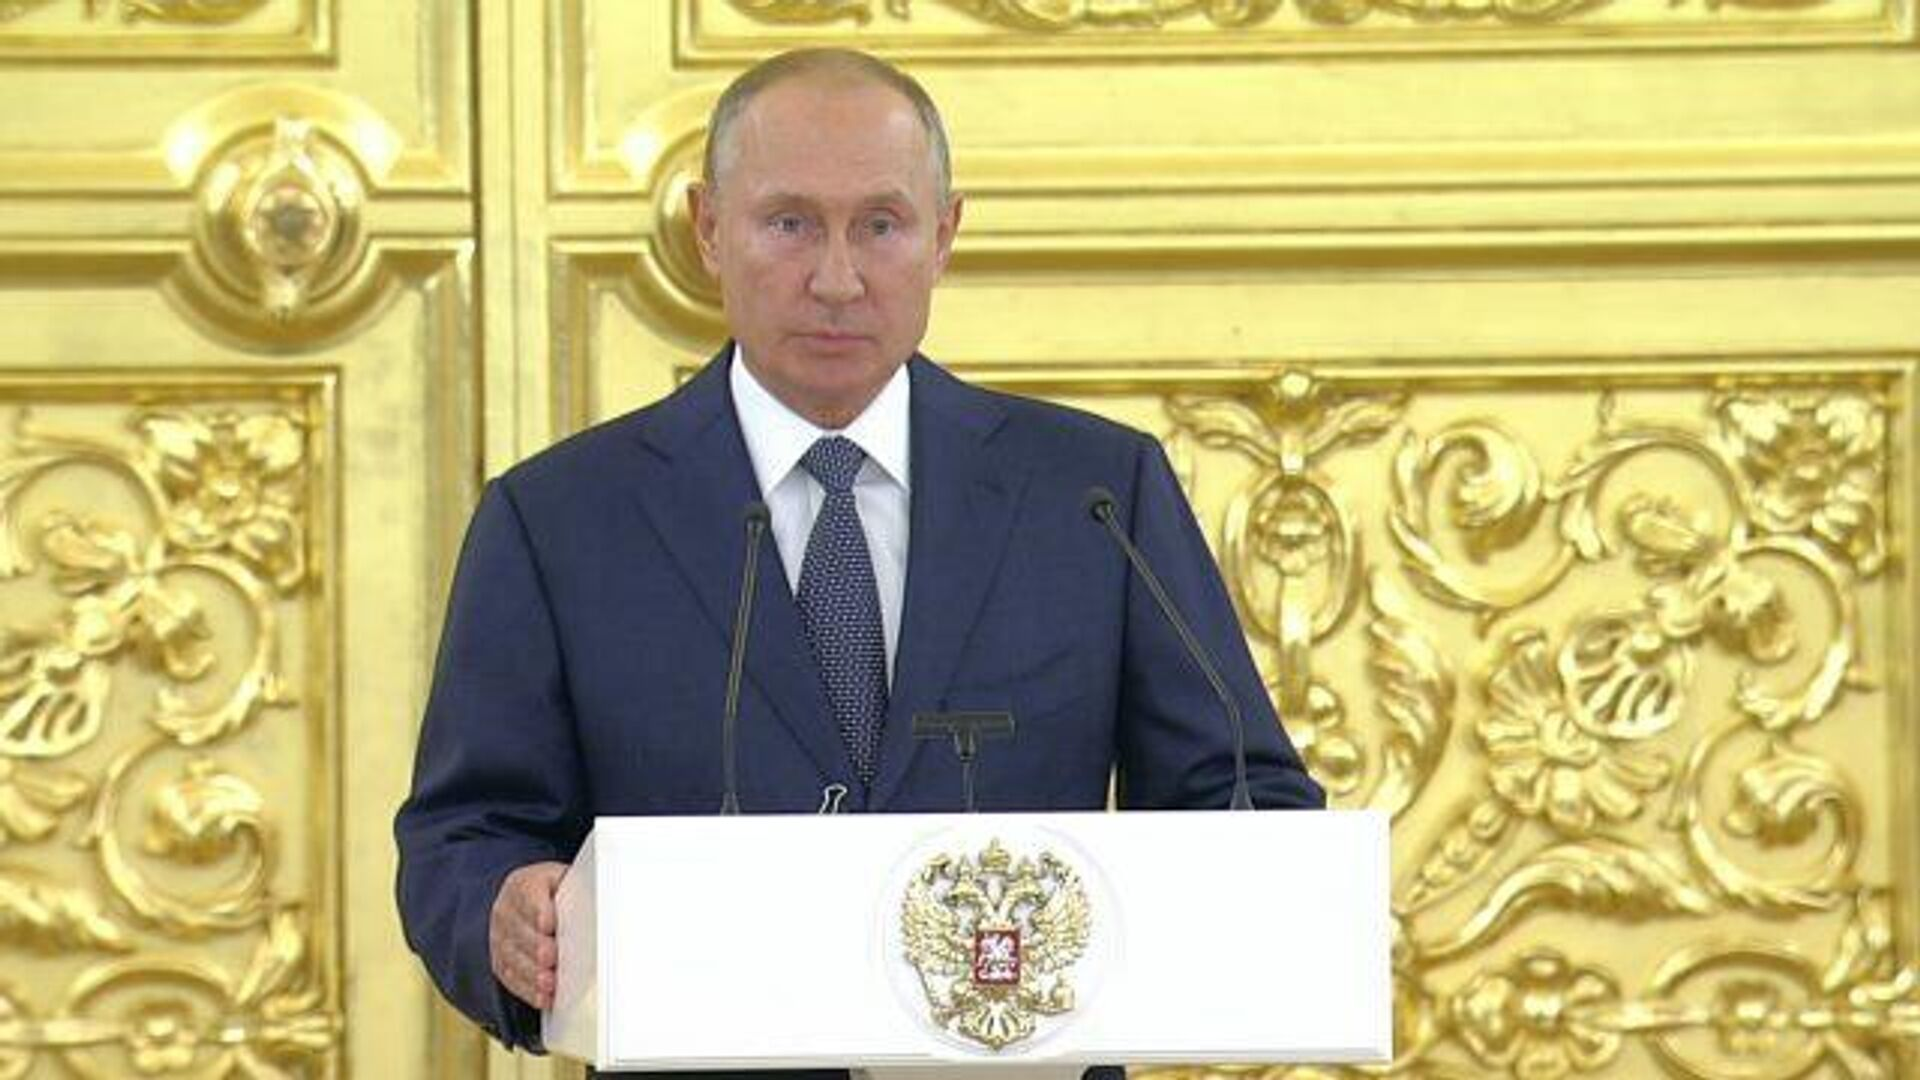 Путин: Граждане должны в полной мере ощущать действия принятых поправок - РИА Новости, 1920, 23.09.2020